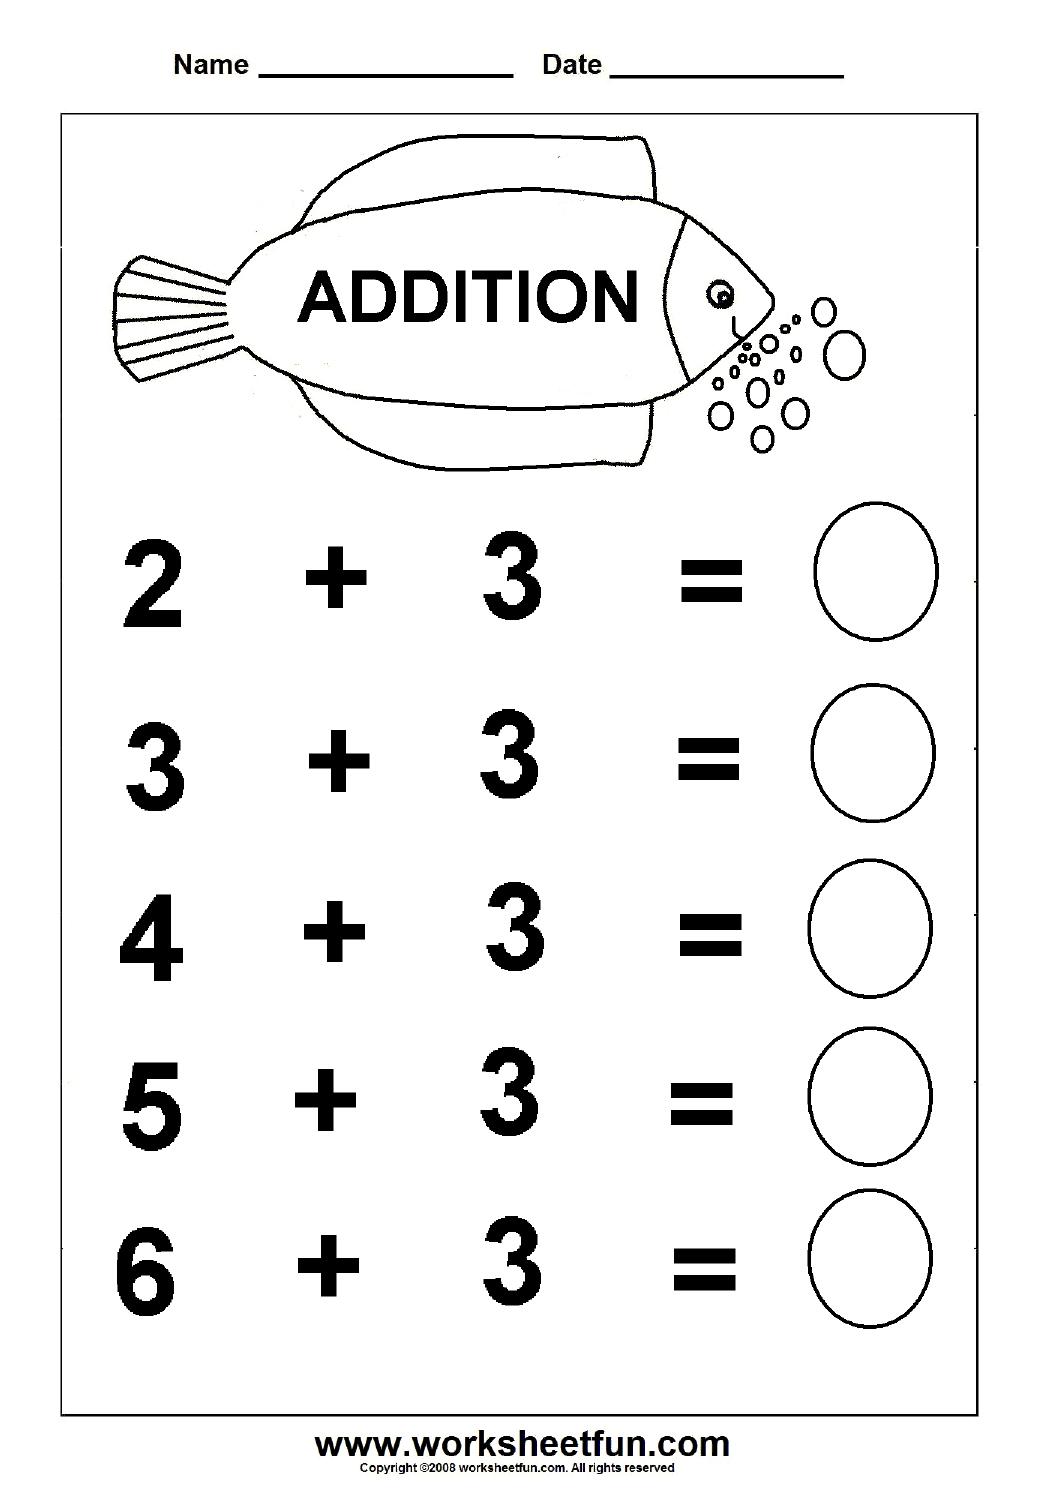 Beginner Addition – 6 Kindergarten Addition Worksheets / Free - Free Printable Math Worksheets For Kindergarten